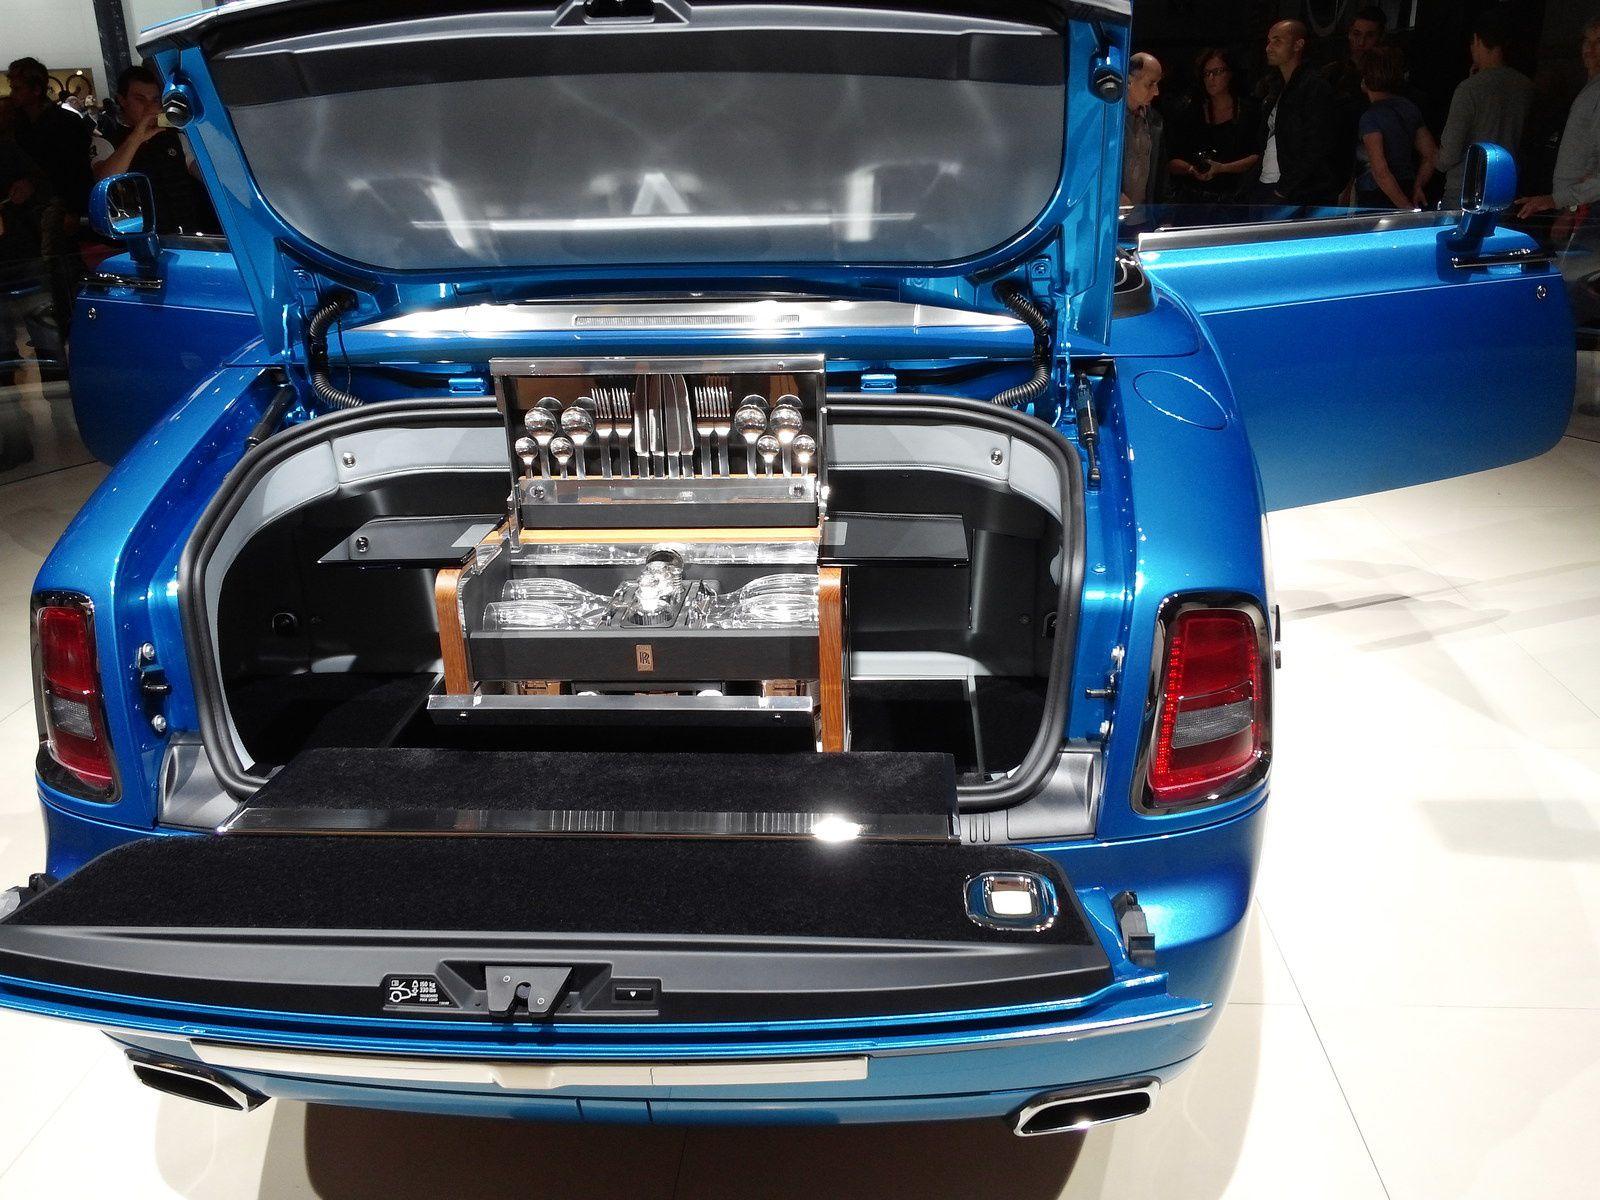 Rolls Royce Phantom Drophead Coupé - Poids à vide2 620 Kg - Nombre de cylindres:12 - Puissance fiscale: 49 CV - Puissance Din460 Ch à 5350 trs/min - Accélération de 0 à 100 km/h5.9 s -  Vitesse maximum240 km/h -  Consommation urbaine24.6 Litre / 100 km ! ! !  A remarquer, le compartiment pour le parapluie dans l'aile. AV-G.